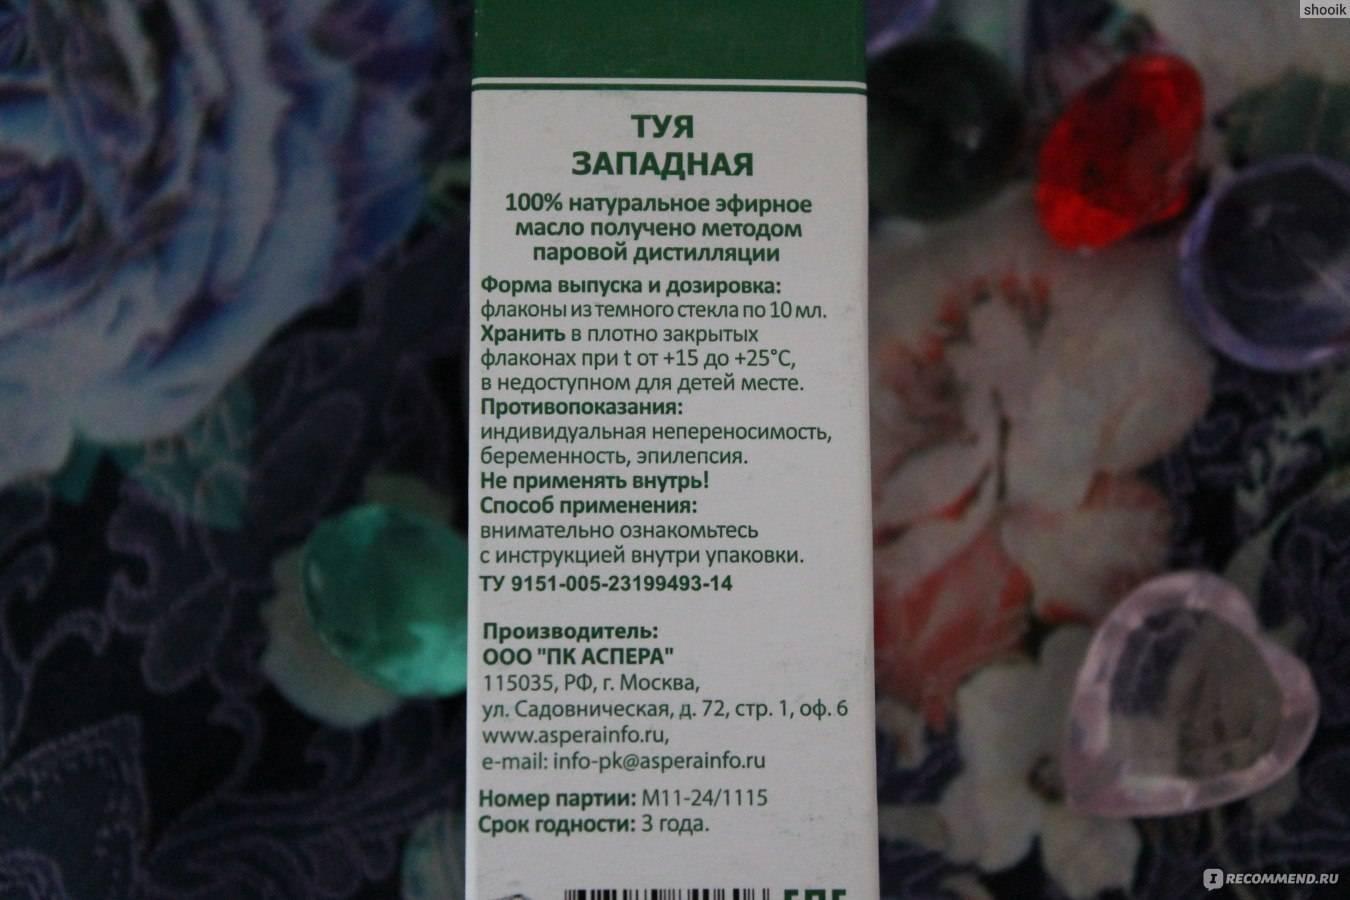 Масло туи при аденоидах для детей инструкция по применению | prof-medstail.ru